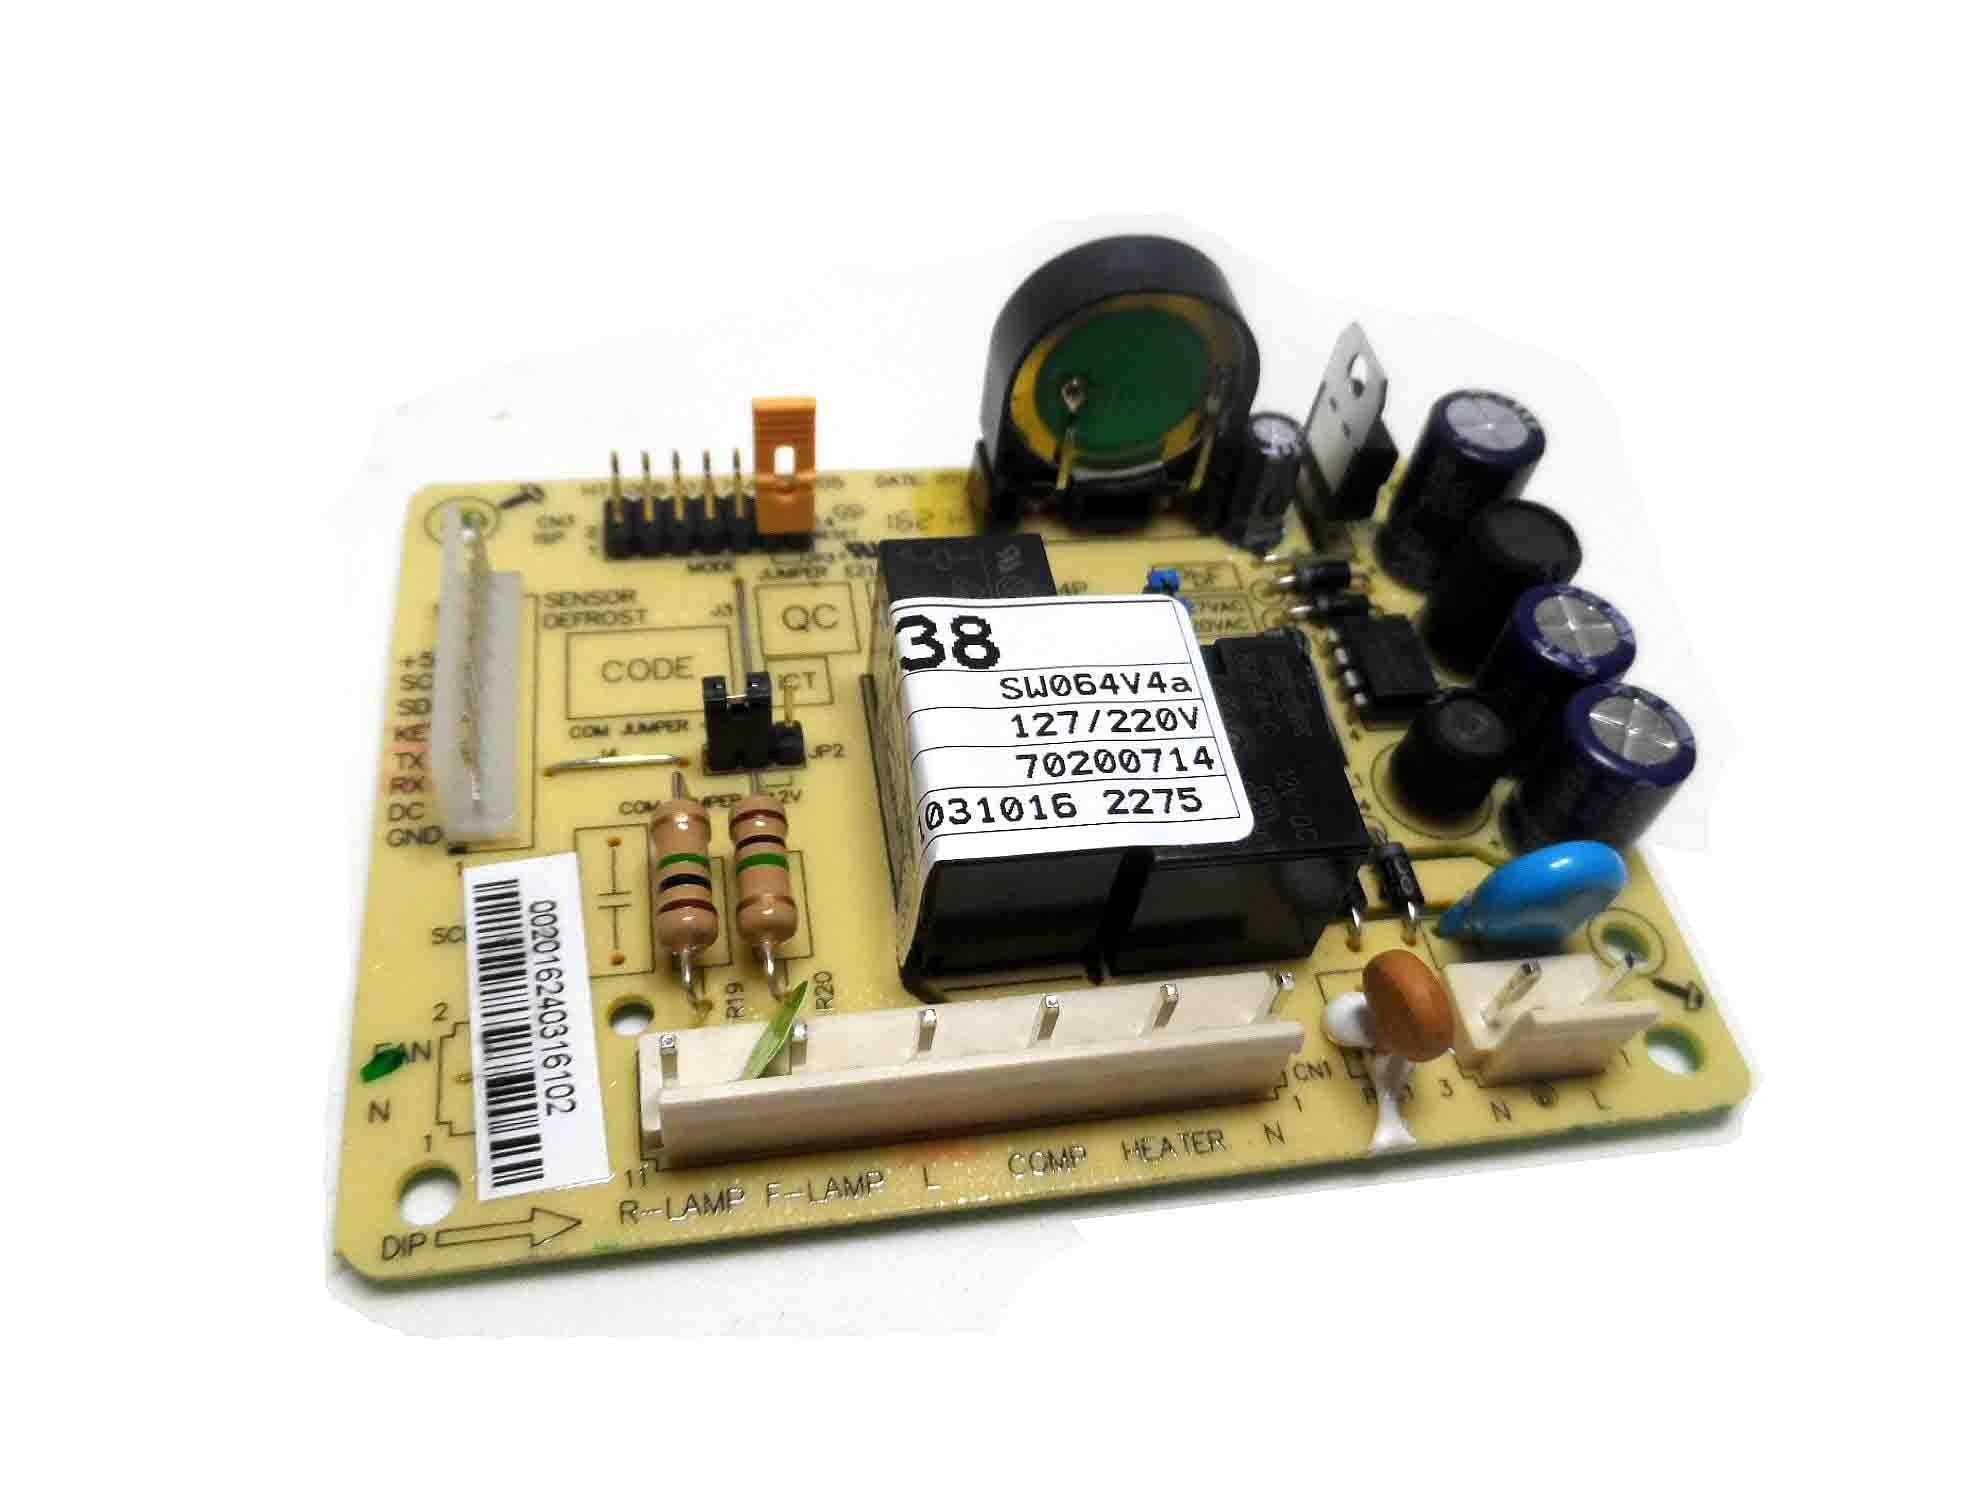 Placa Eletrônica Potência Refrigerador Electrolux 70200714